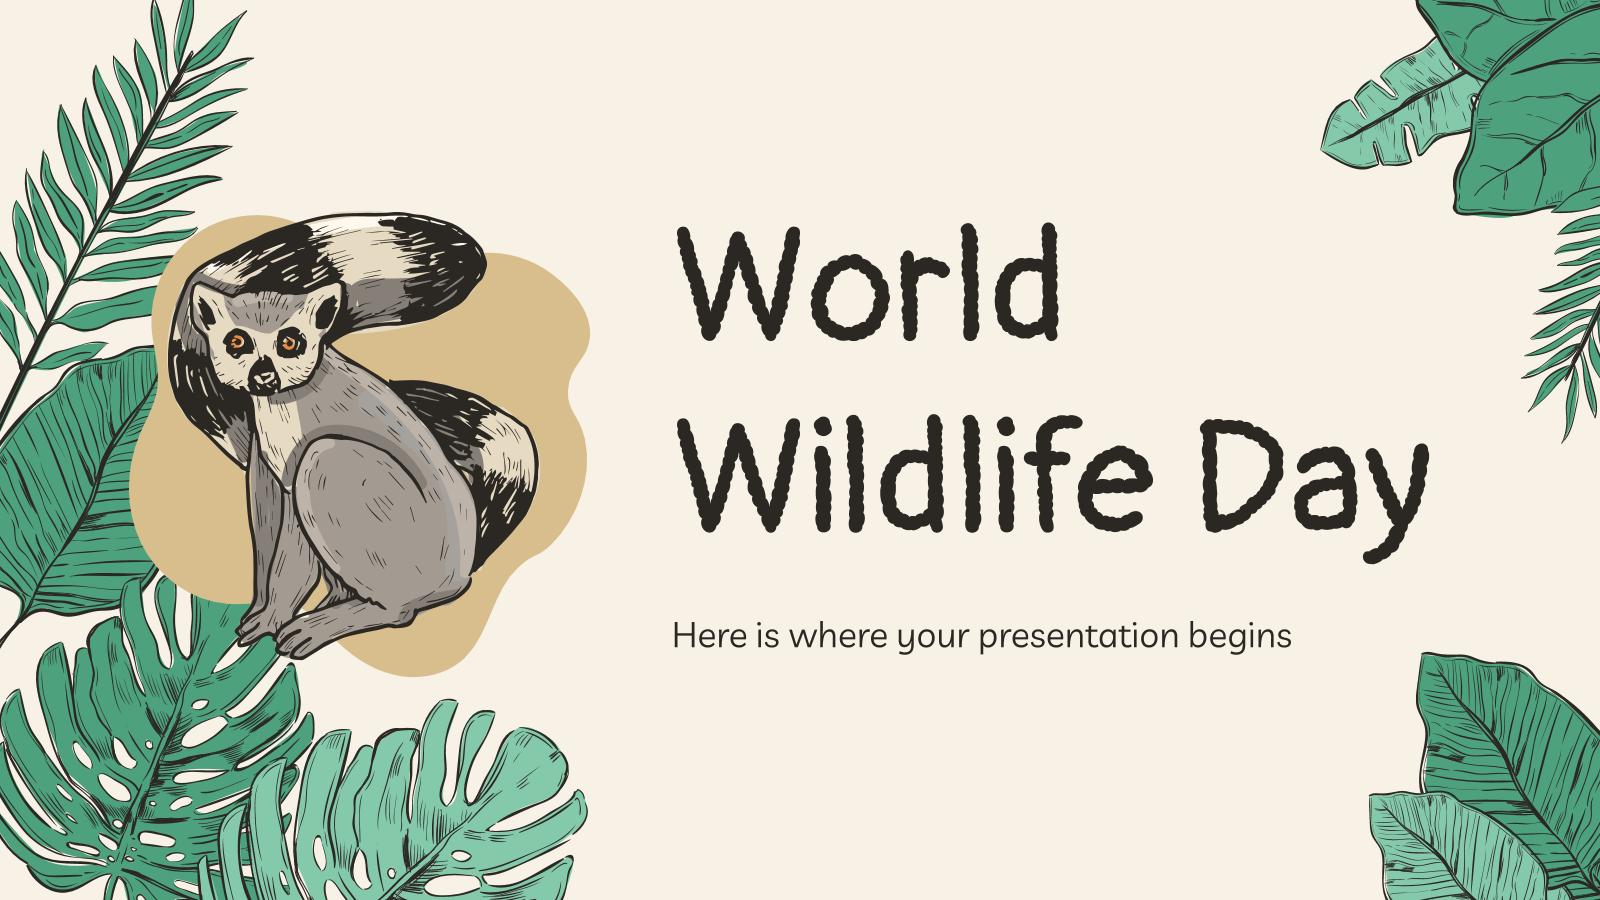 Plantilla de presentación Día Mundial de la Vida Silvestre con doodles